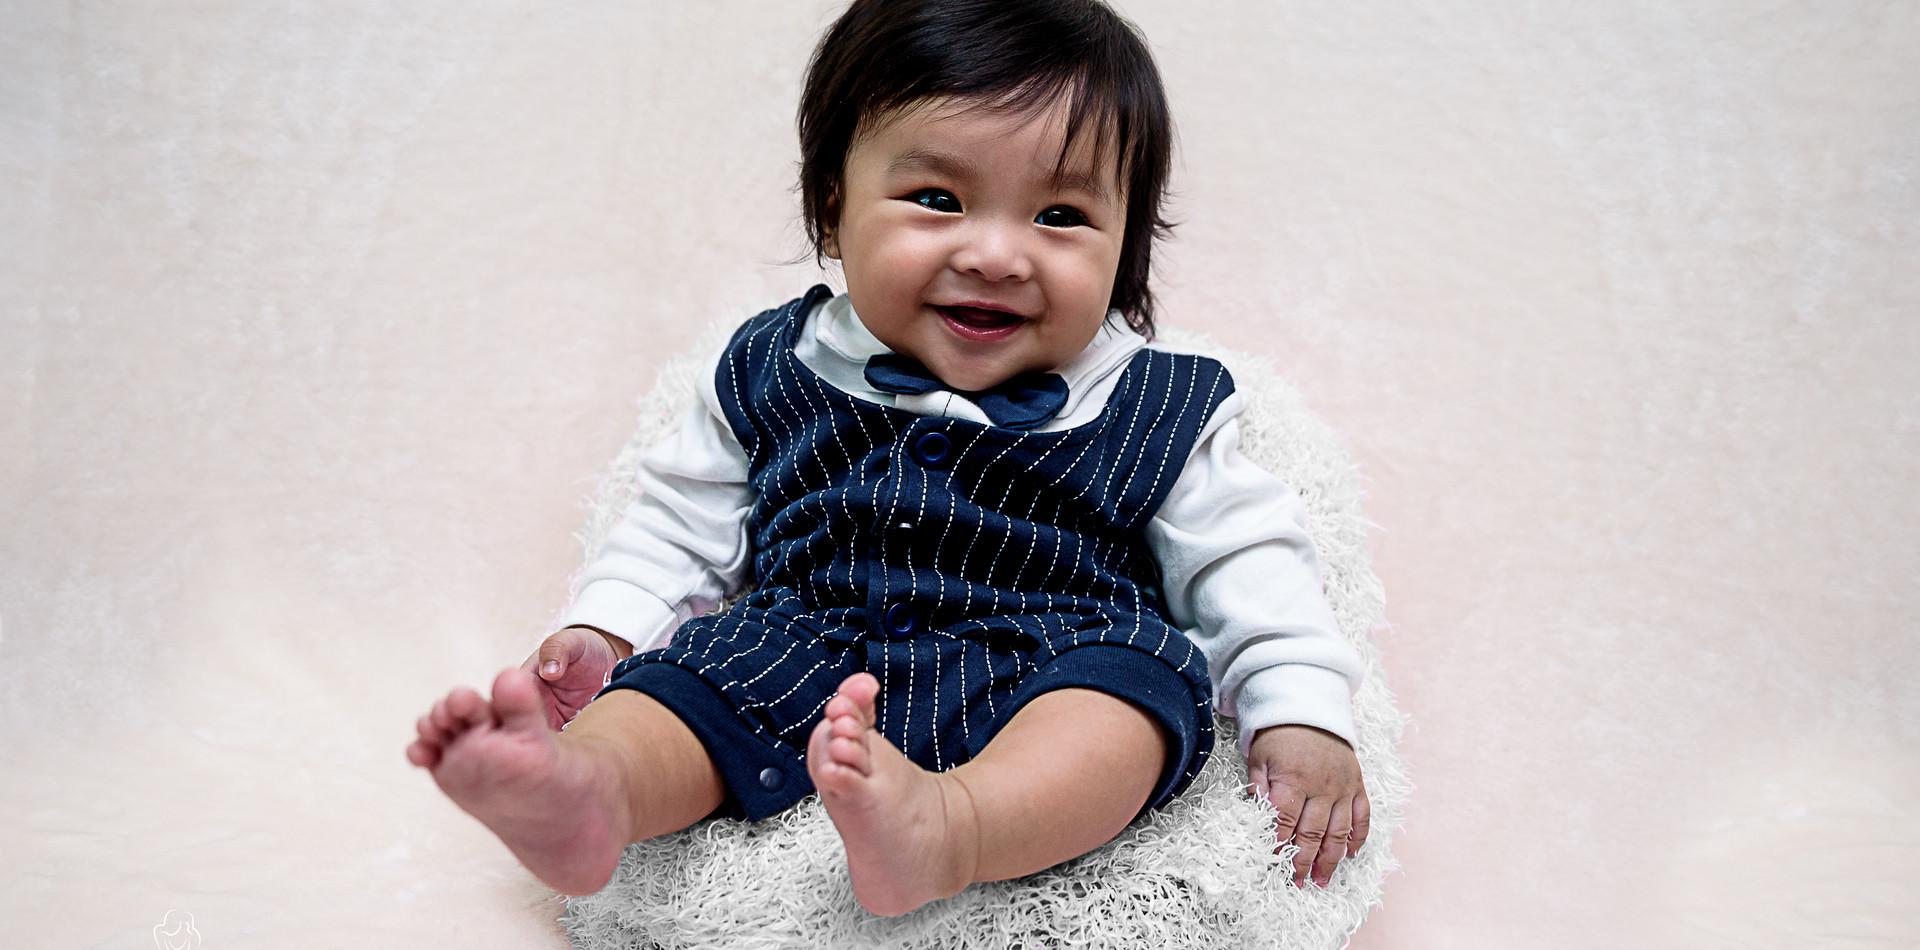 BABY | Ruan Caden @ 5 months